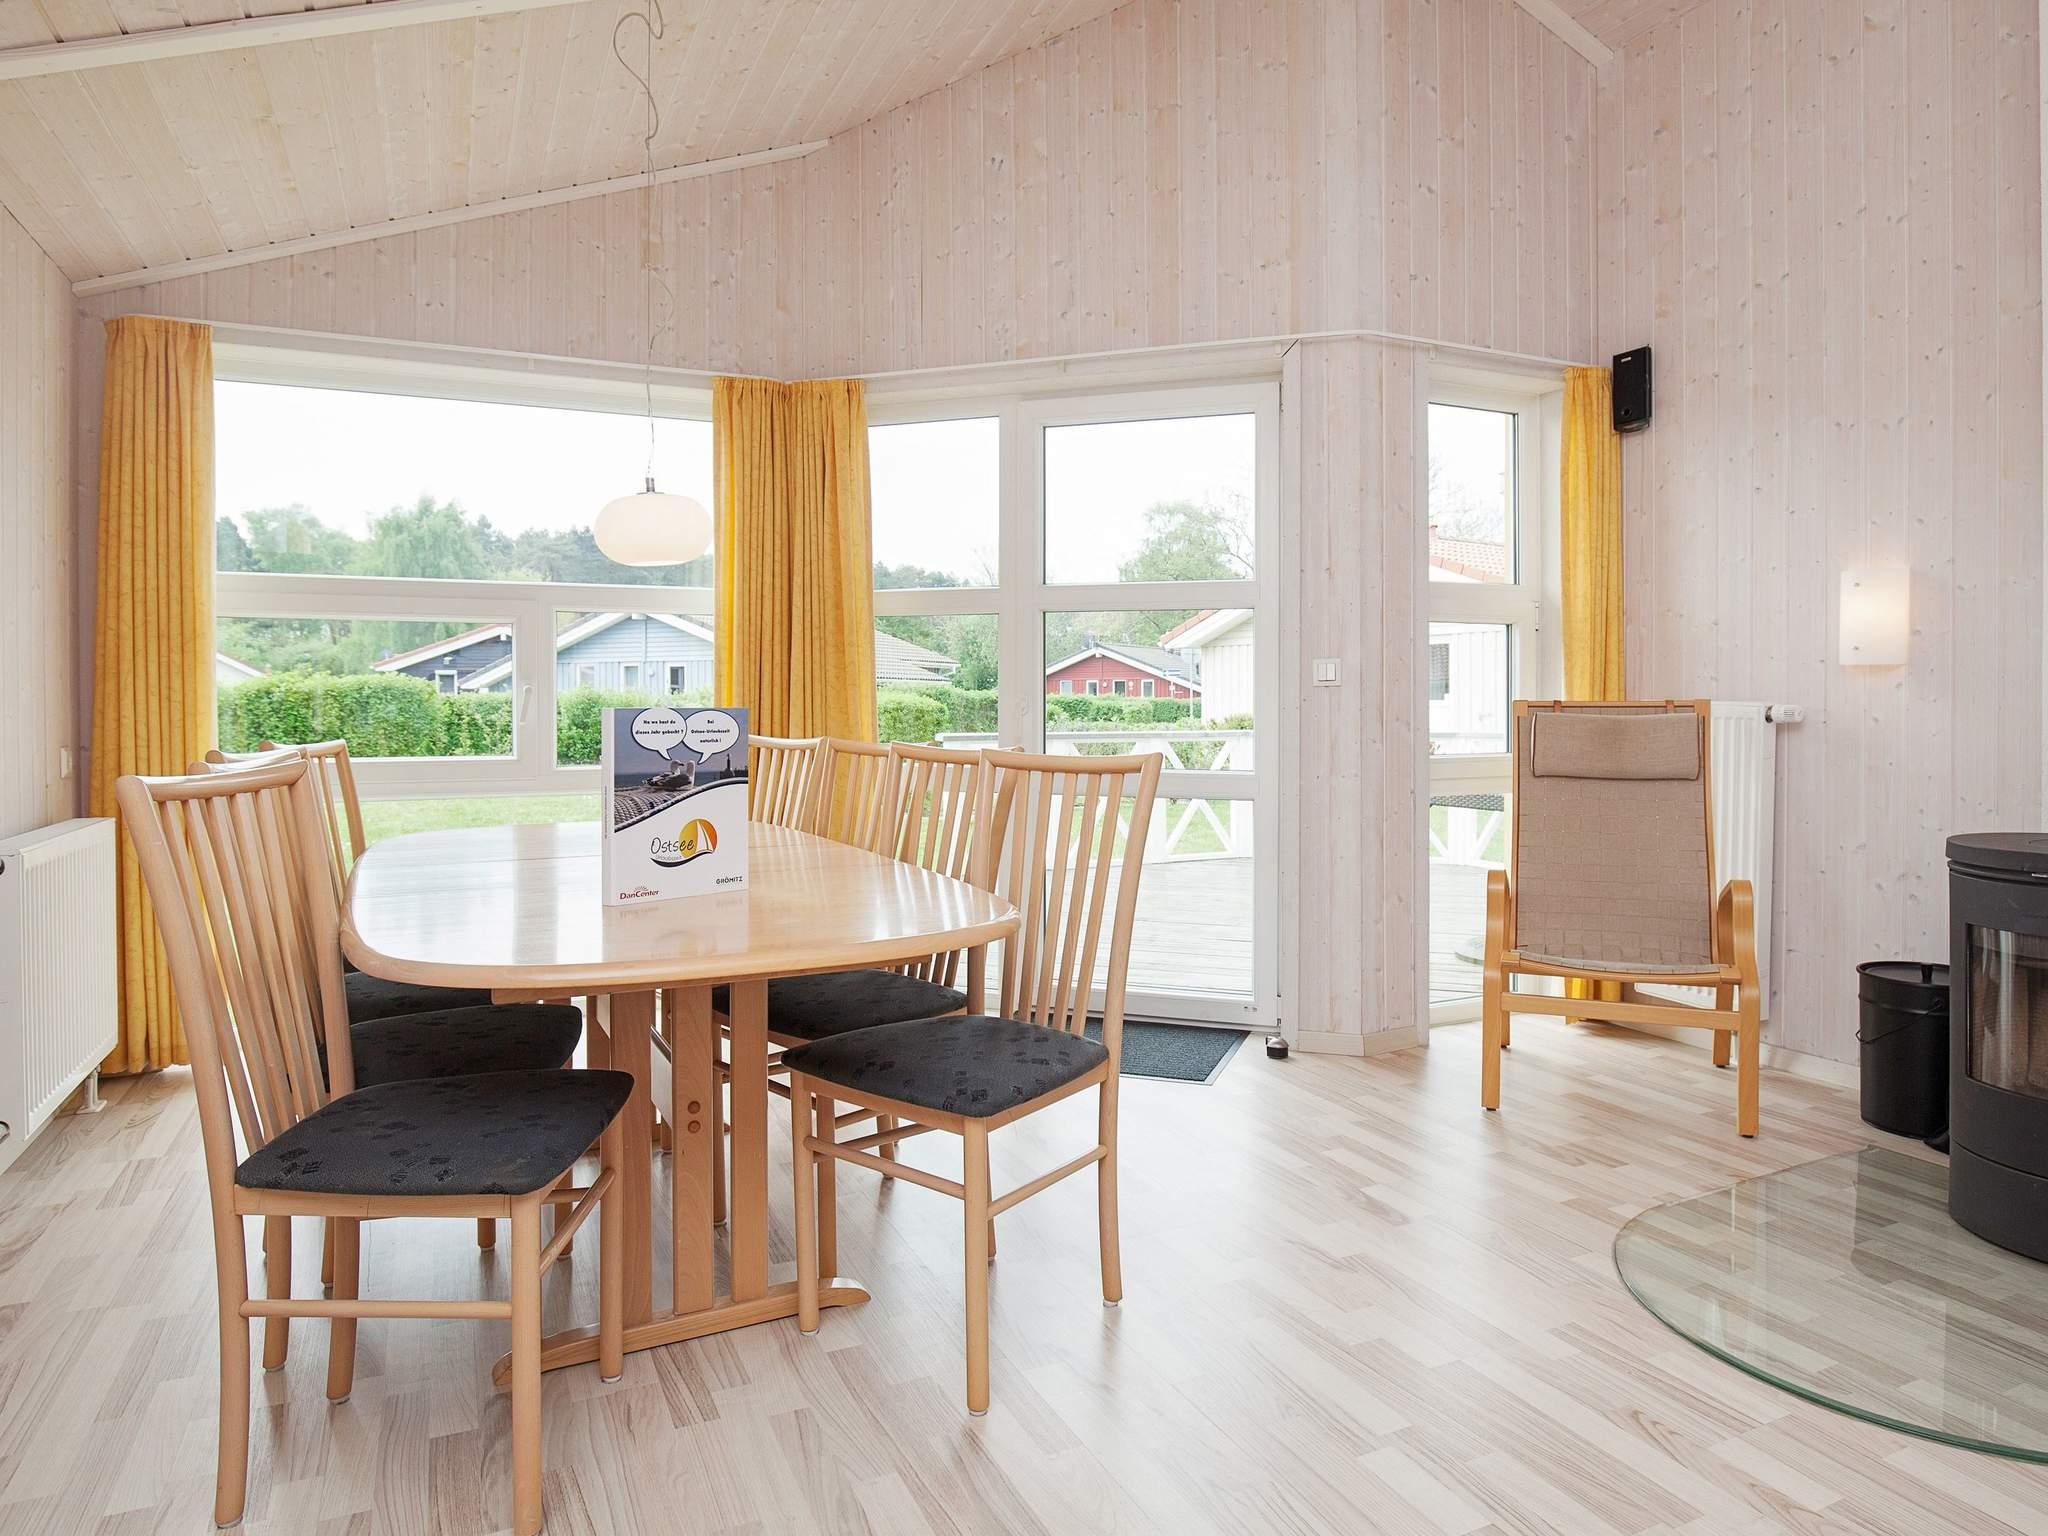 Maison de vacances Grömitz (359058), Grömitz, Baie de Lübeck, Schleswig-Holstein, Allemagne, image 4